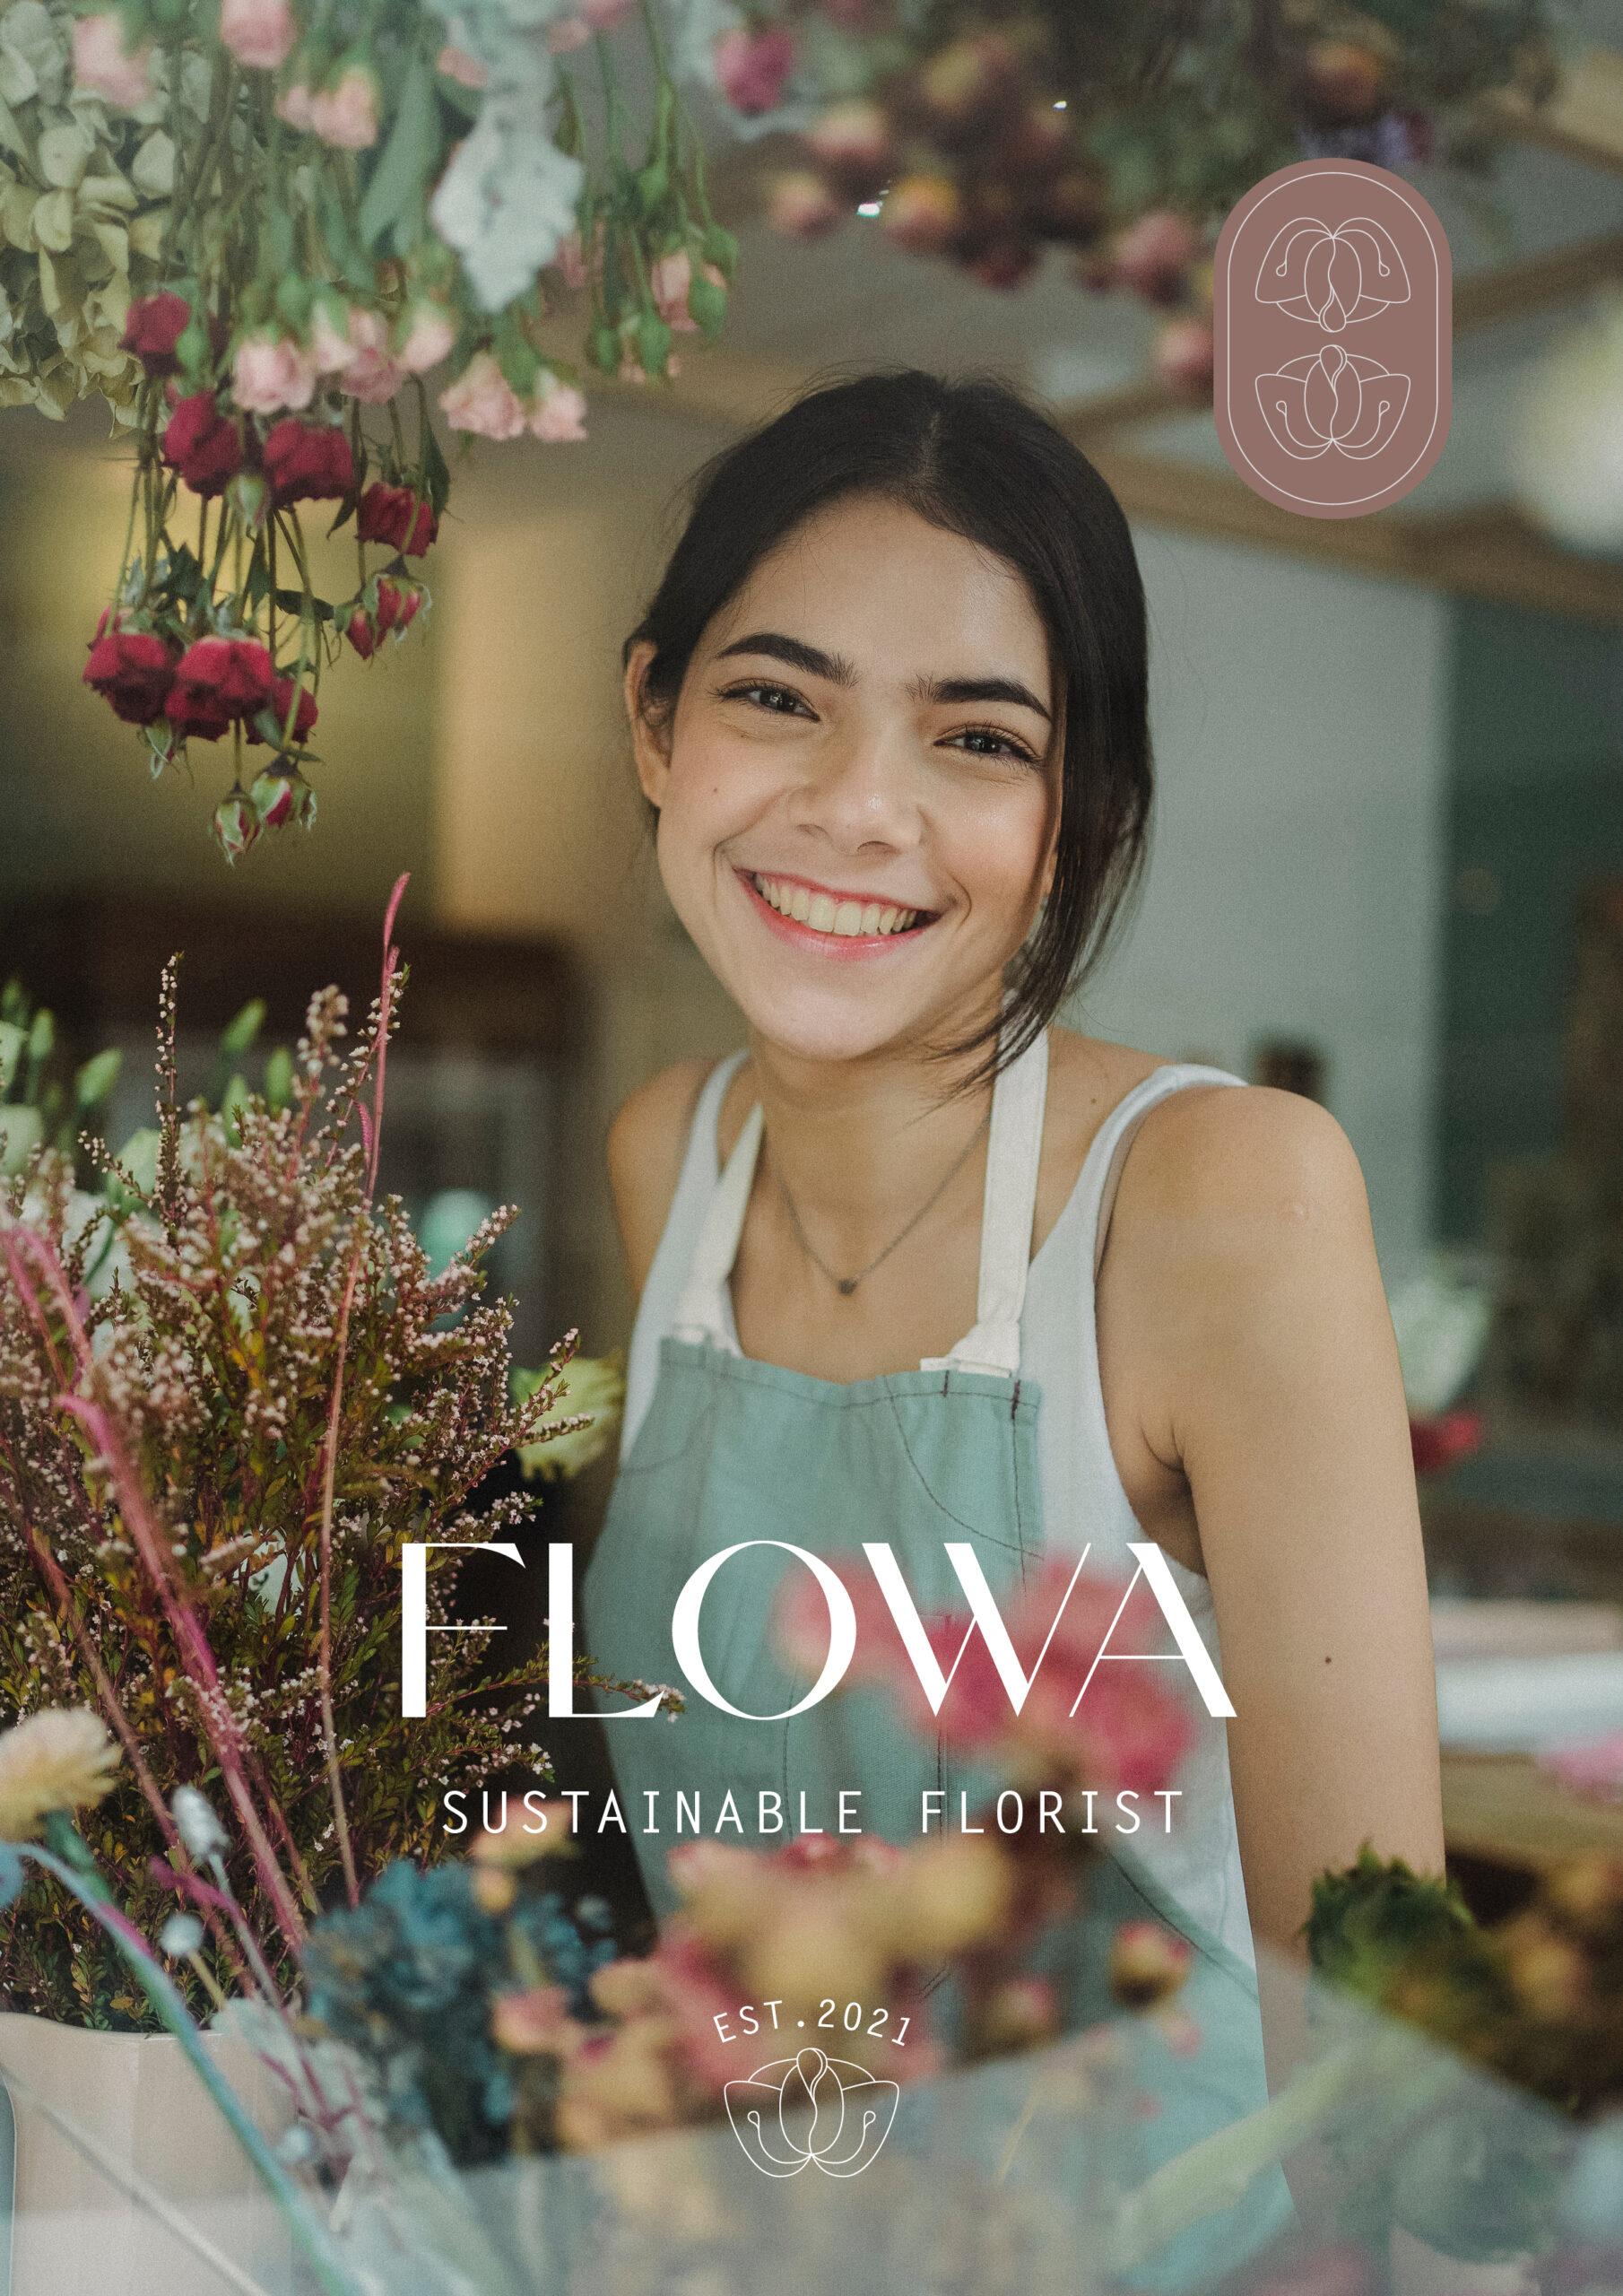 Flowa_Florist_Brand-Kit_Ready-Made_by_Mindt_03